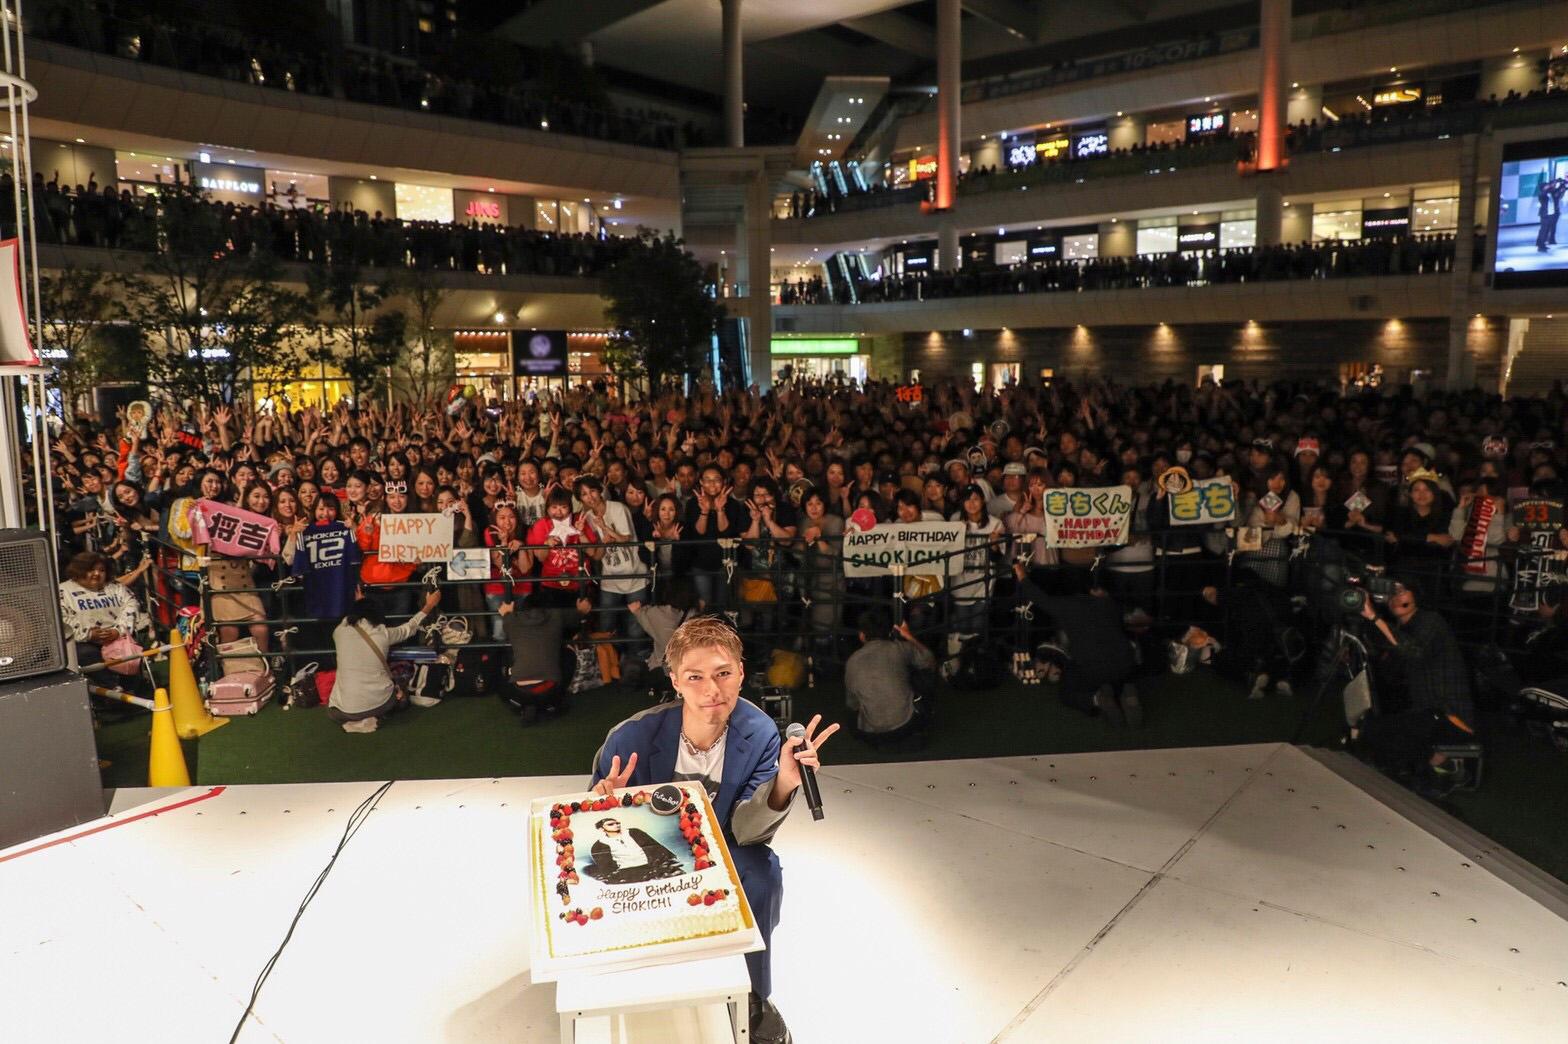 EXILE SHOKICHI、自身の誕生日に開催したリリースイベントでファンにソロツアーを宣言サムネイル画像